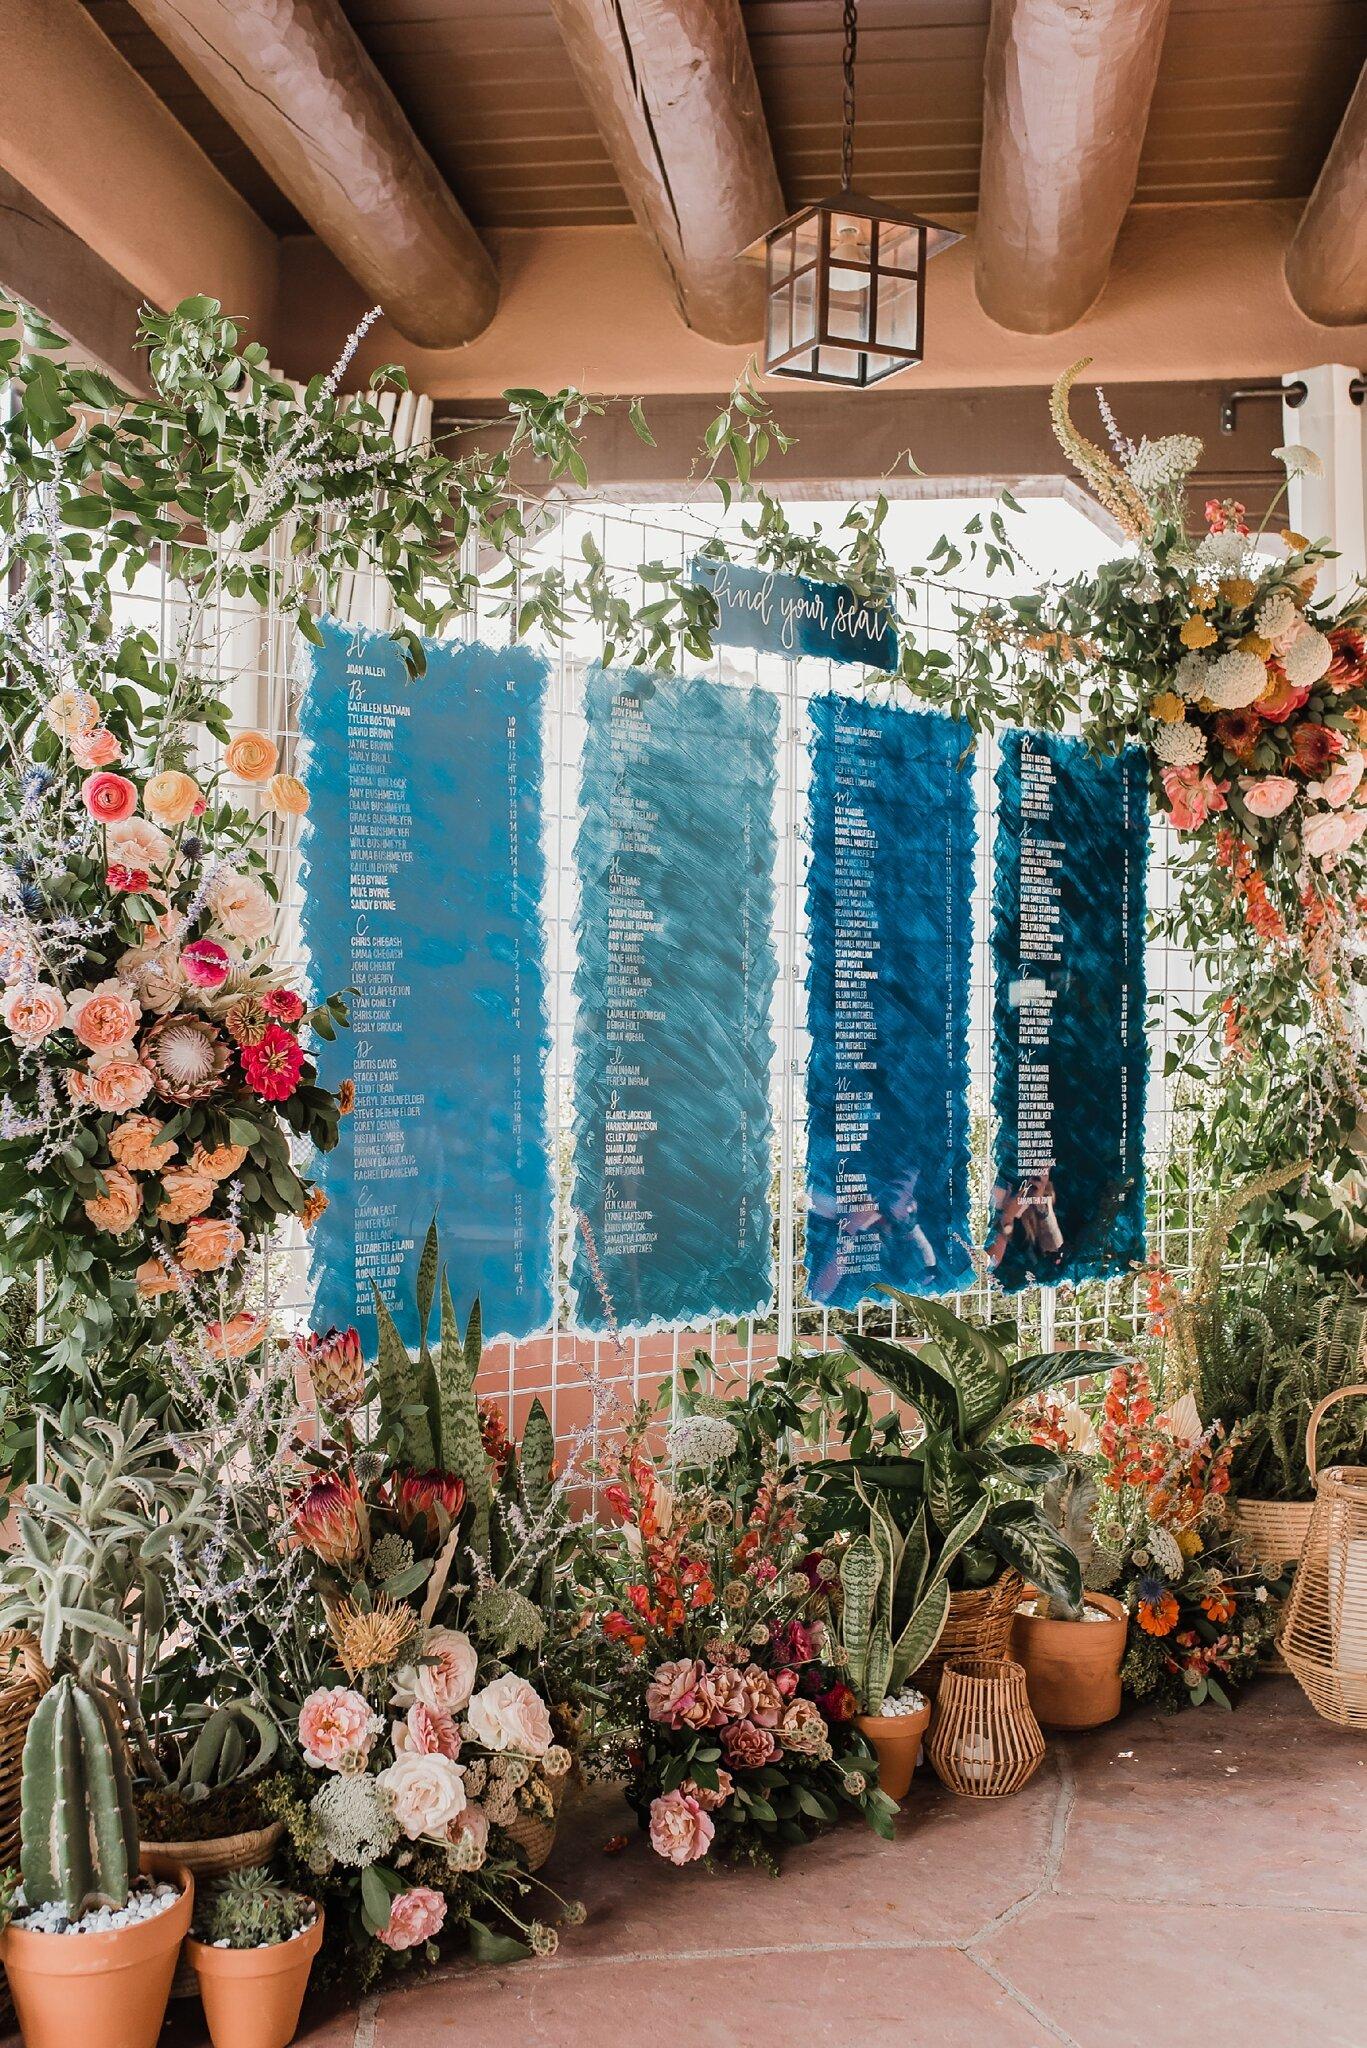 Alicia+lucia+photography+-+albuquerque+wedding+photographer+-+santa+fe+wedding+photography+-+new+mexico+wedding+photographer+-+new+mexico+wedding+-+wedding+signage+-+wedding+signs+-+glass+wedding+signs_0001.jpg